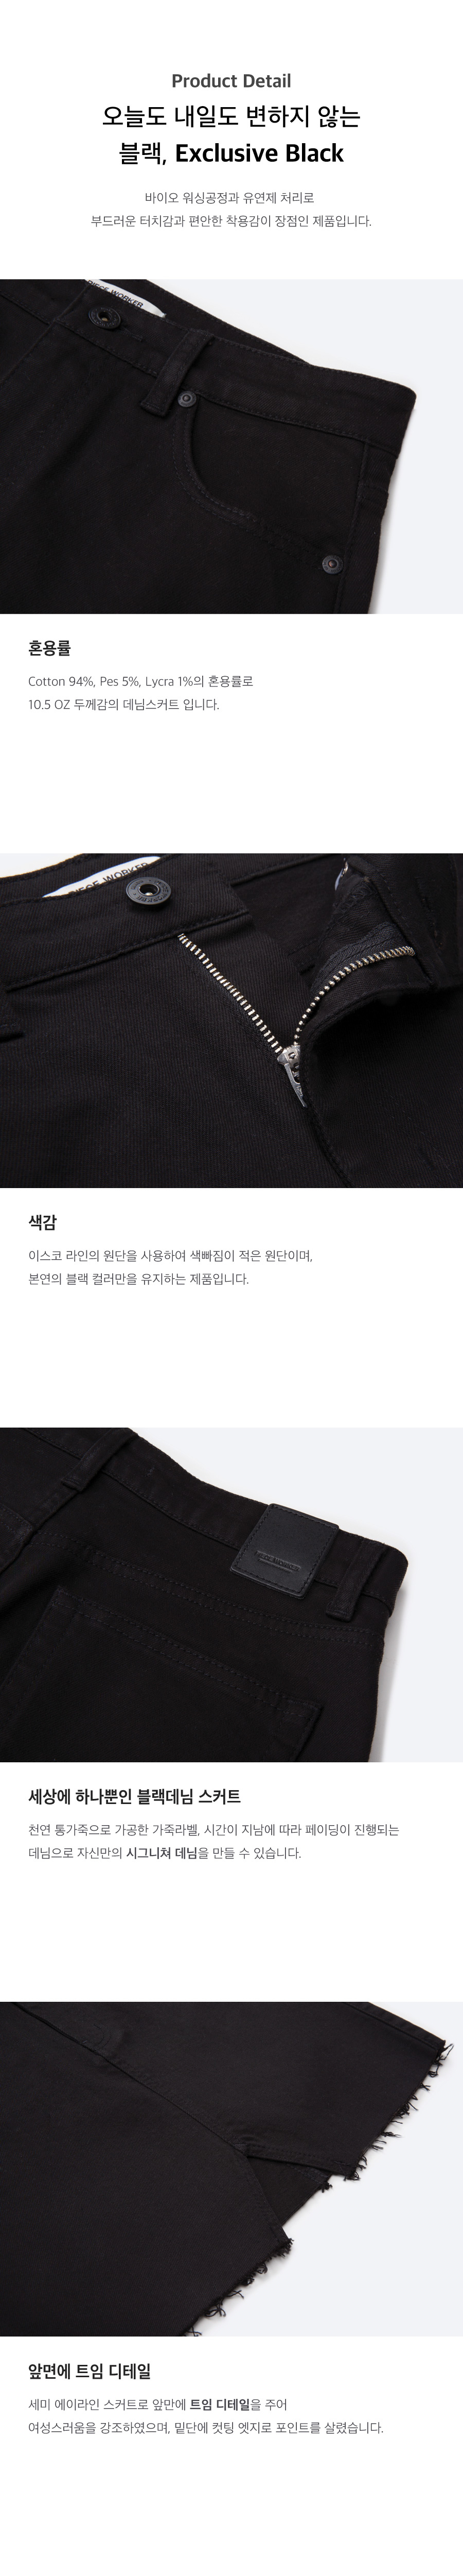 피스워커(PIECE WORKER) [W]Exclusive Skirt / Skirt